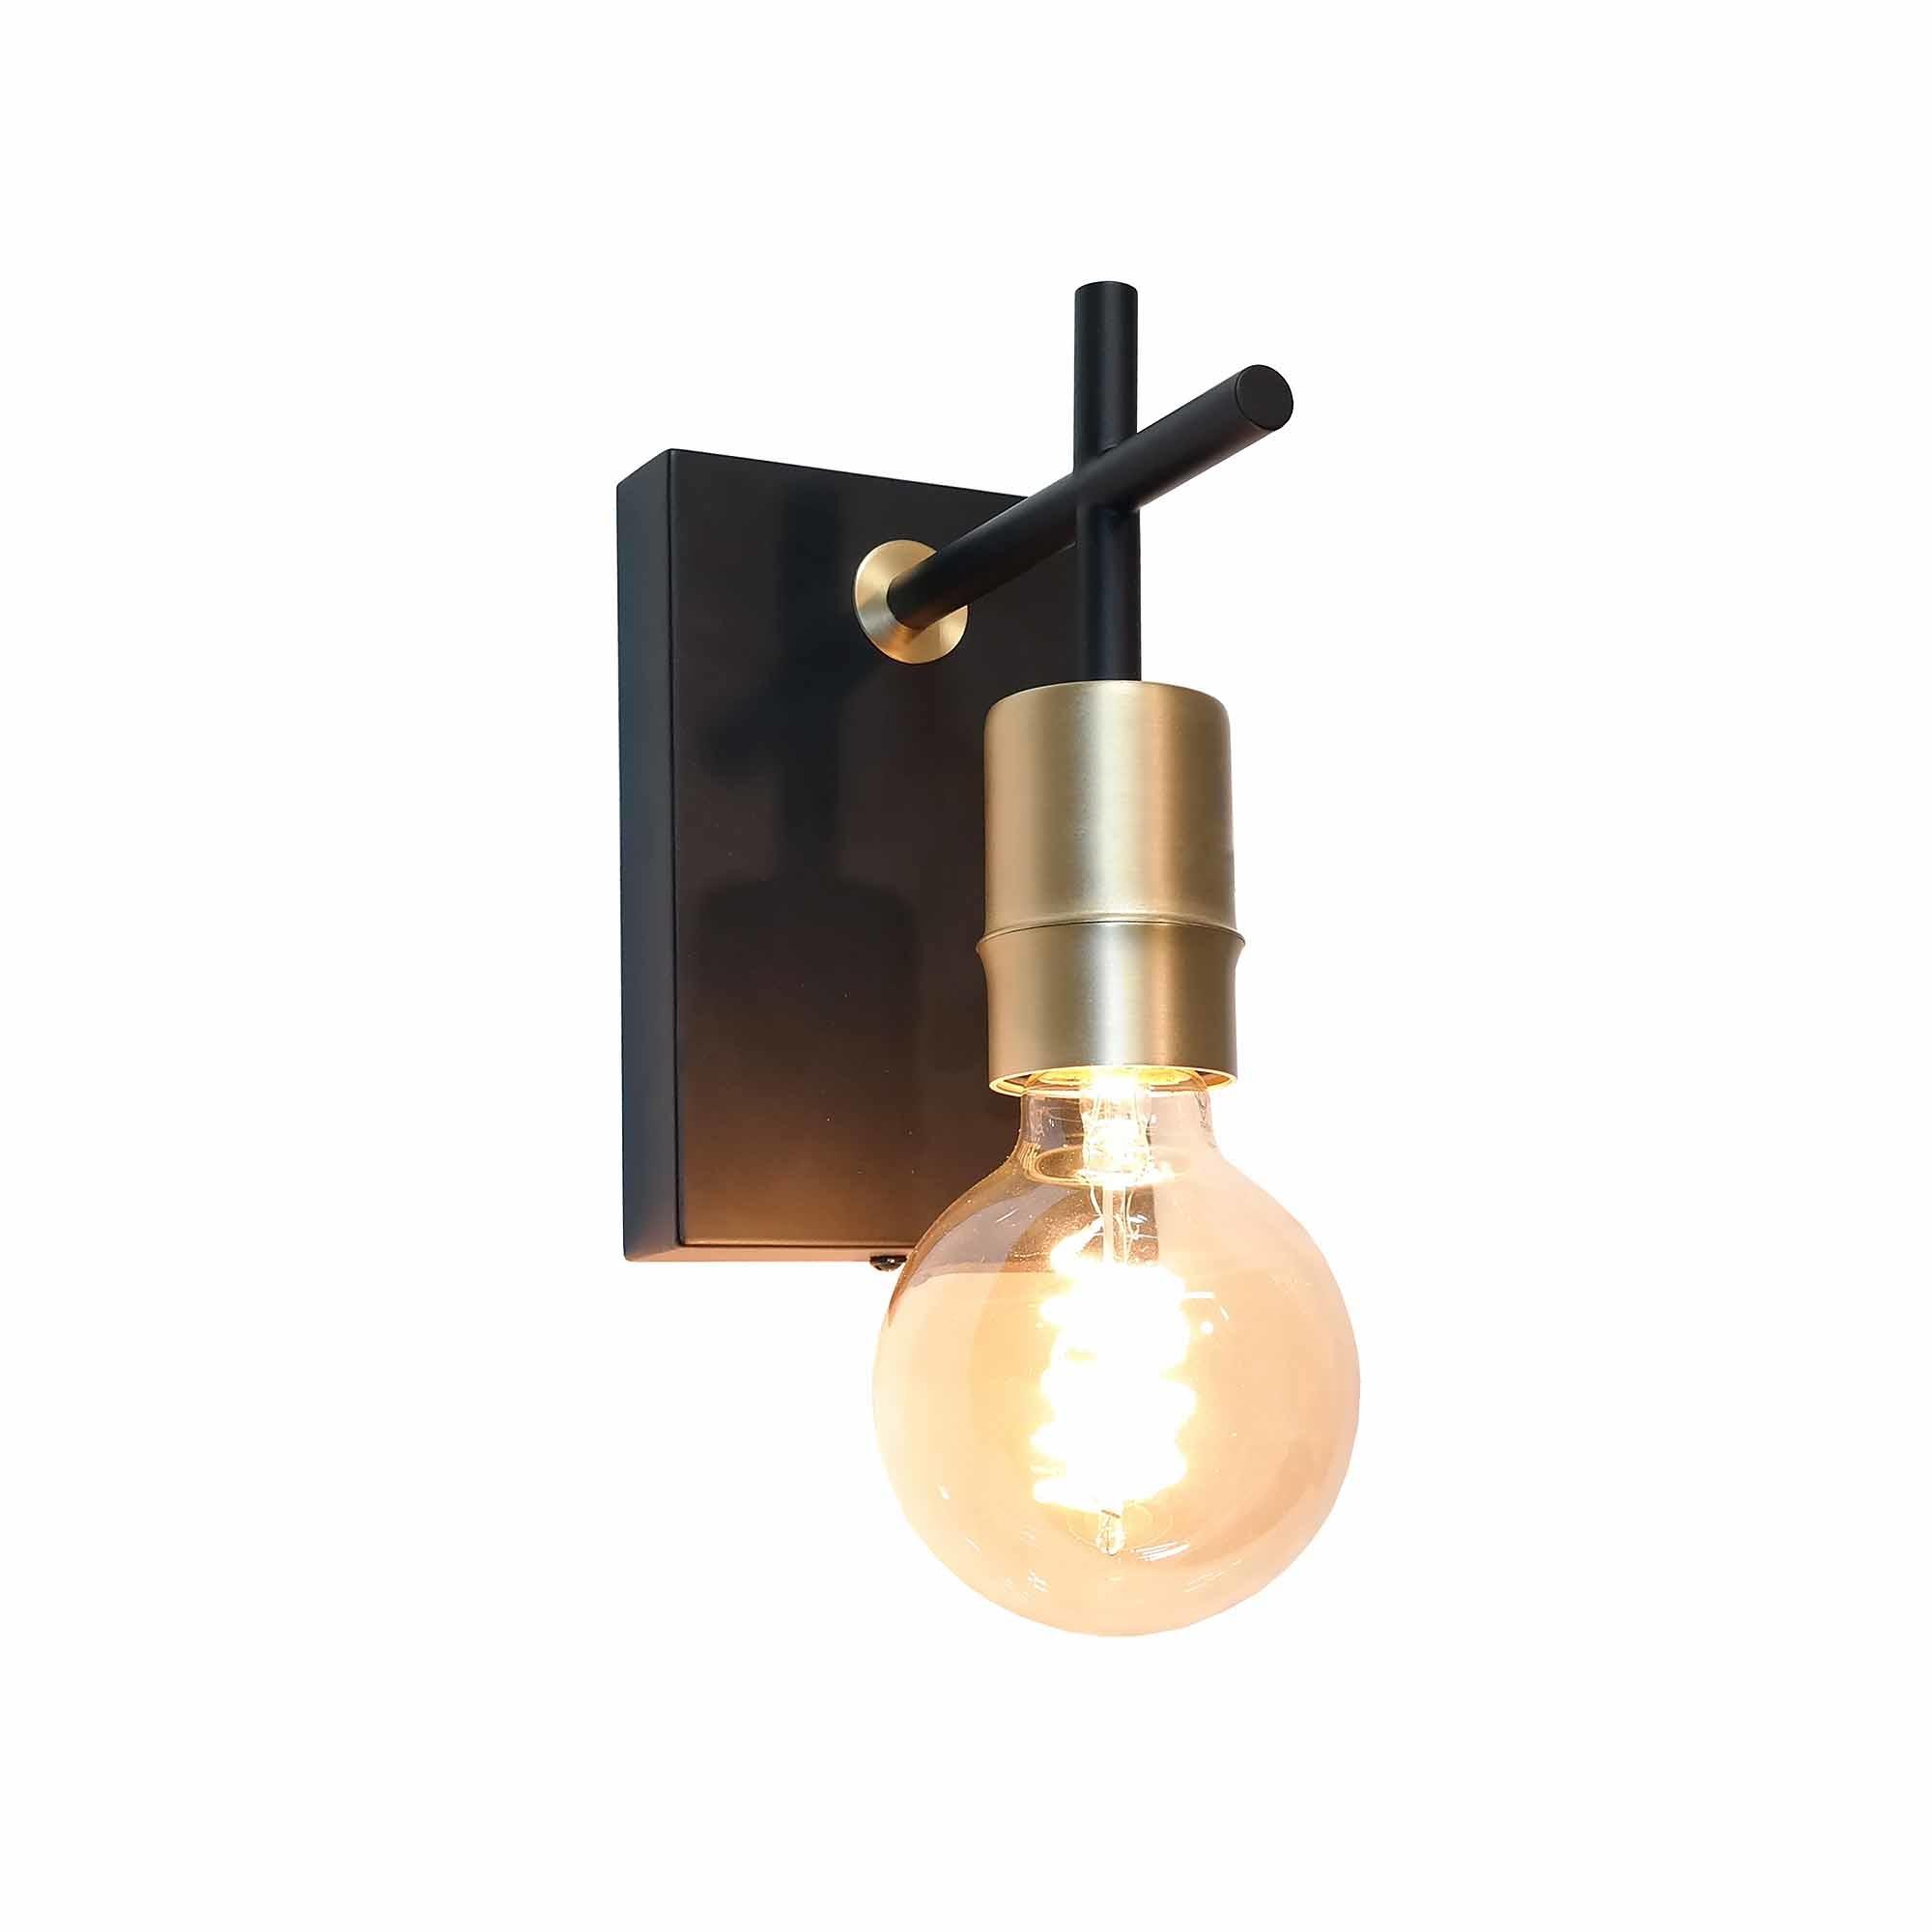 Artdelight Wandlamp Mokka H 15 cm E27 goud zwart